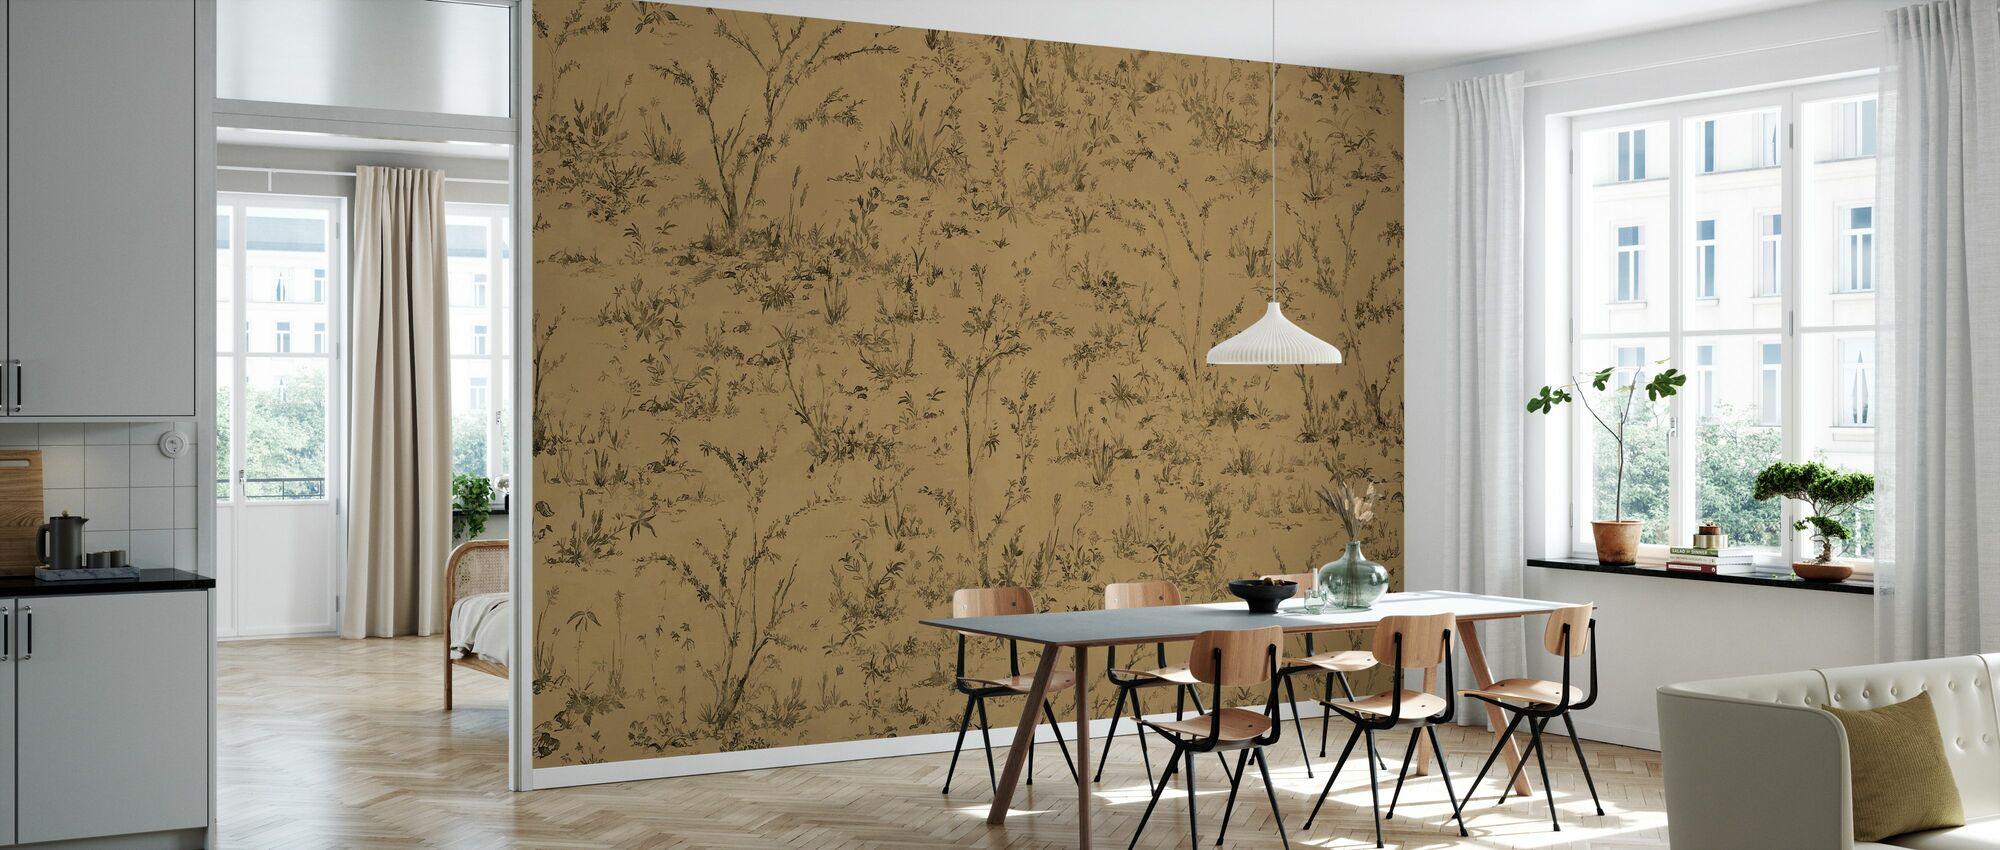 Wonder - Sand - Wallpaper - Kitchen